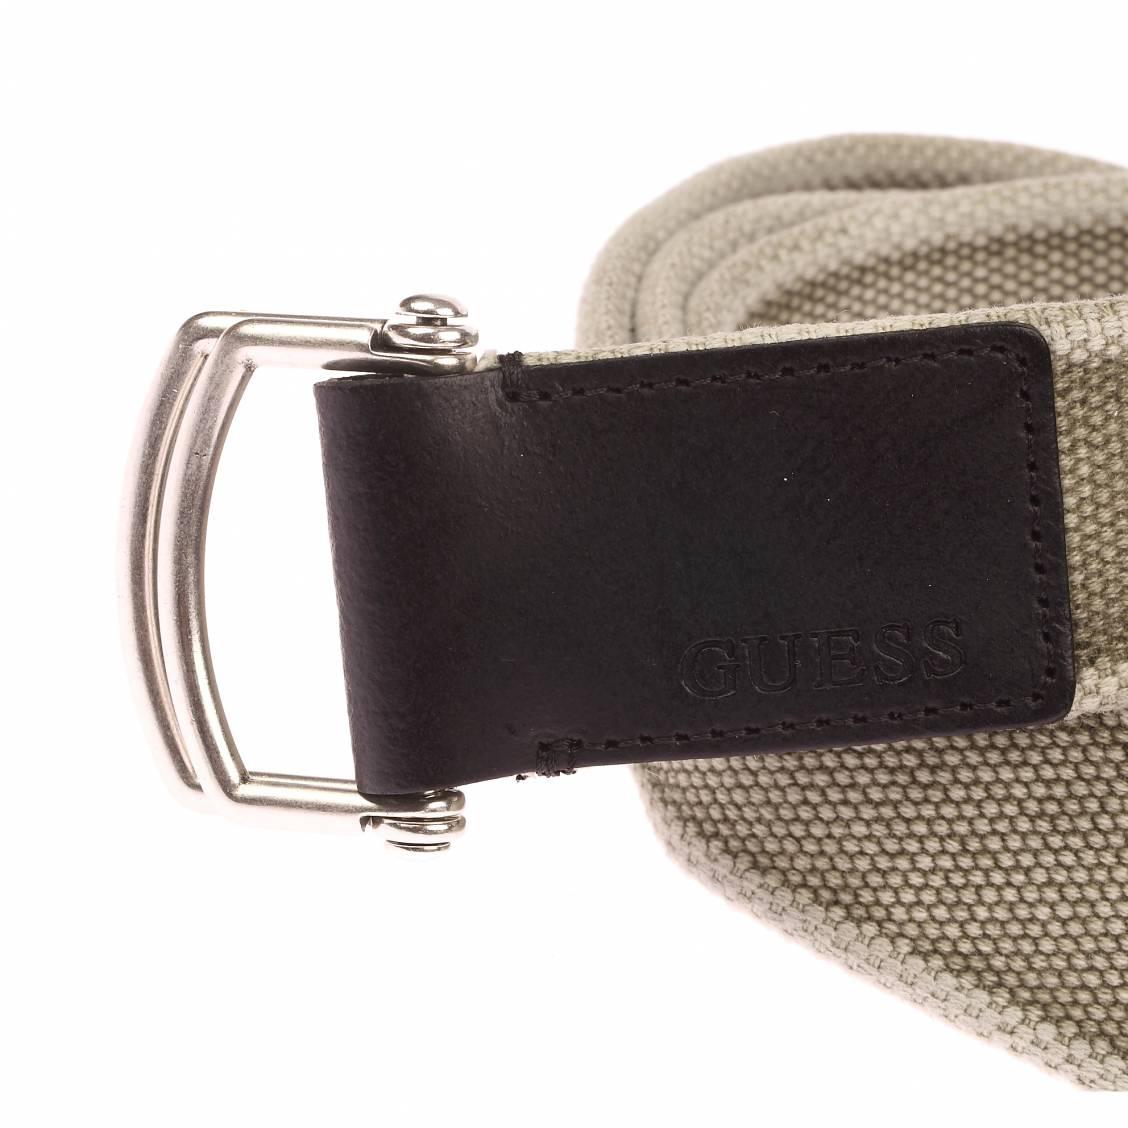 ceinture guess en tissu kaki delave a double boucle coulissante